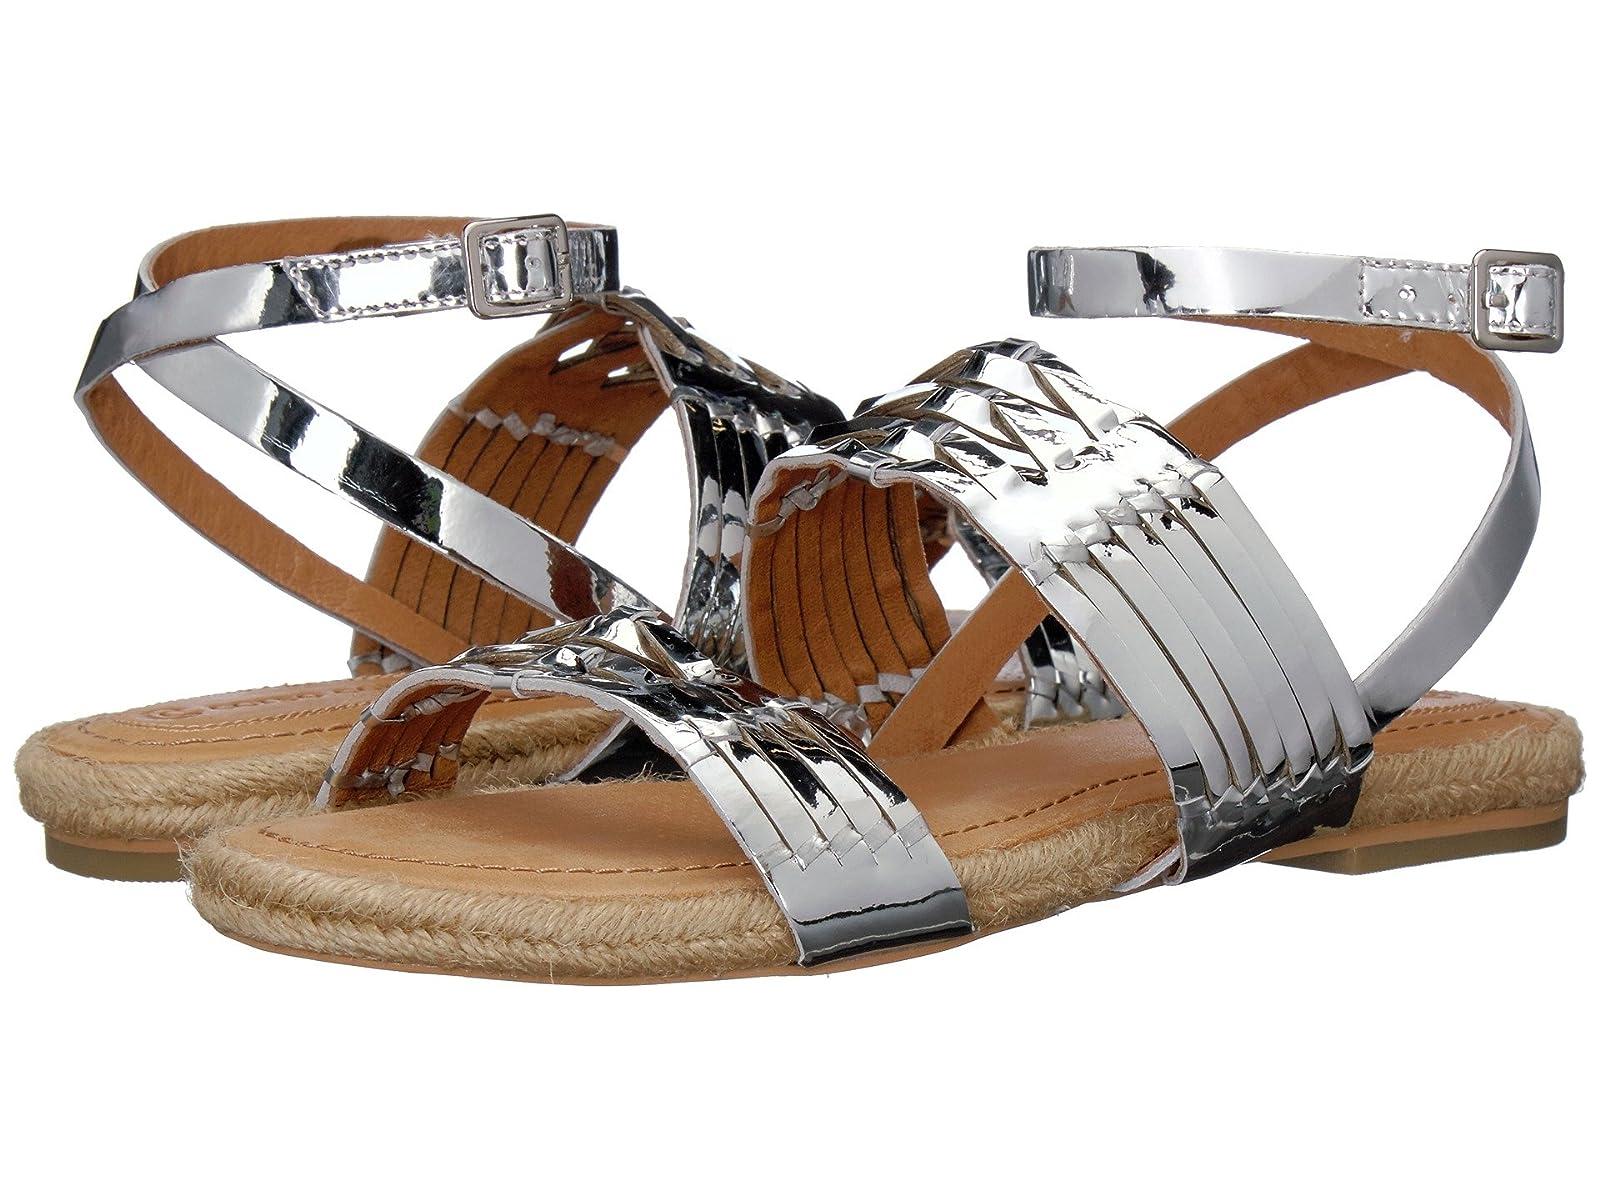 CC Corso Como PennisulaCheap and distinctive eye-catching shoes